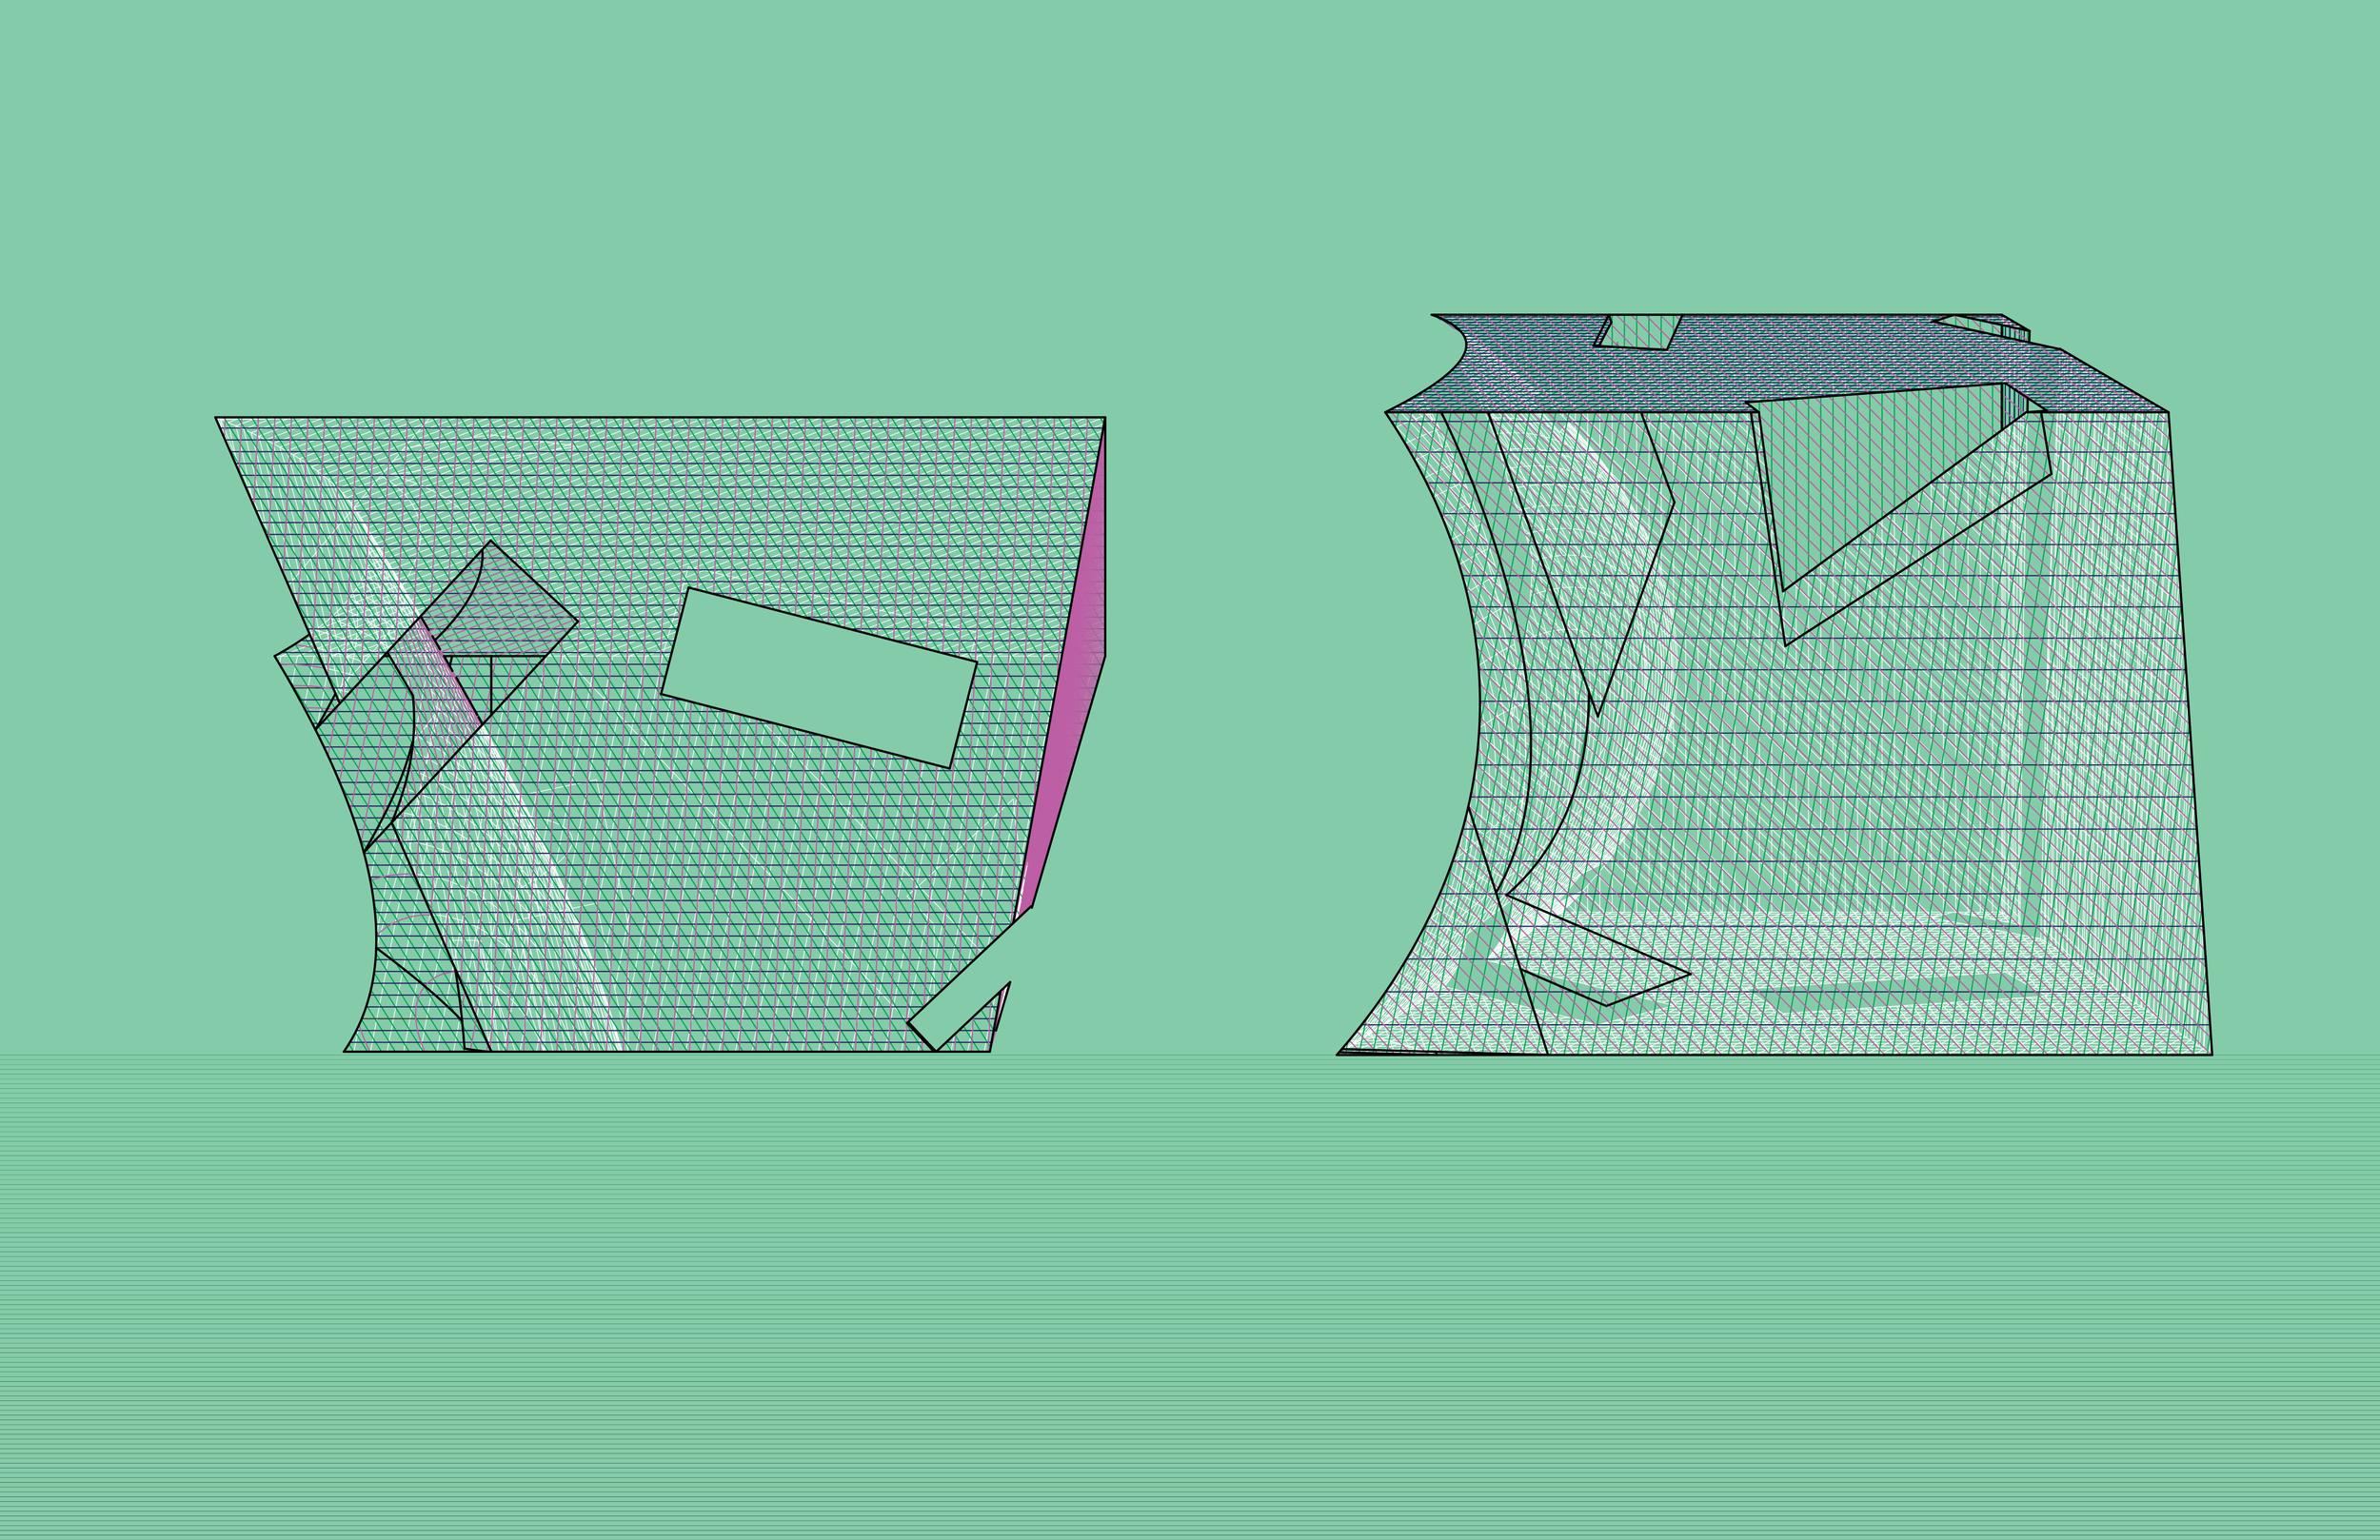 LA FORUM-Line Drawings_Mint-3.jpg